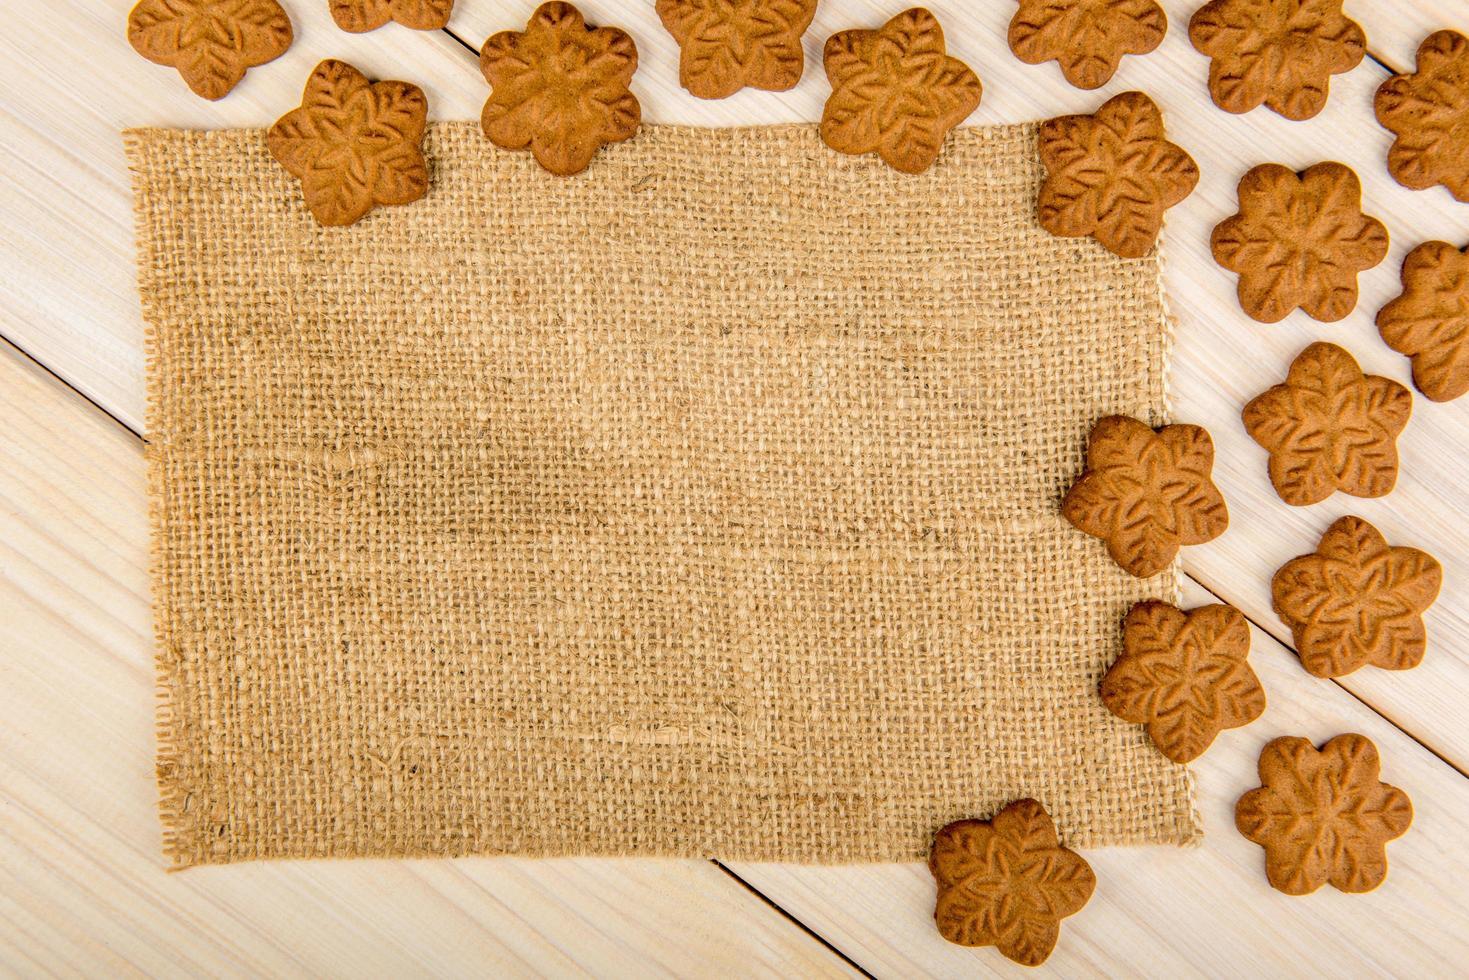 biscuits de pain d'épice de Noël avec des flocons de neige photo